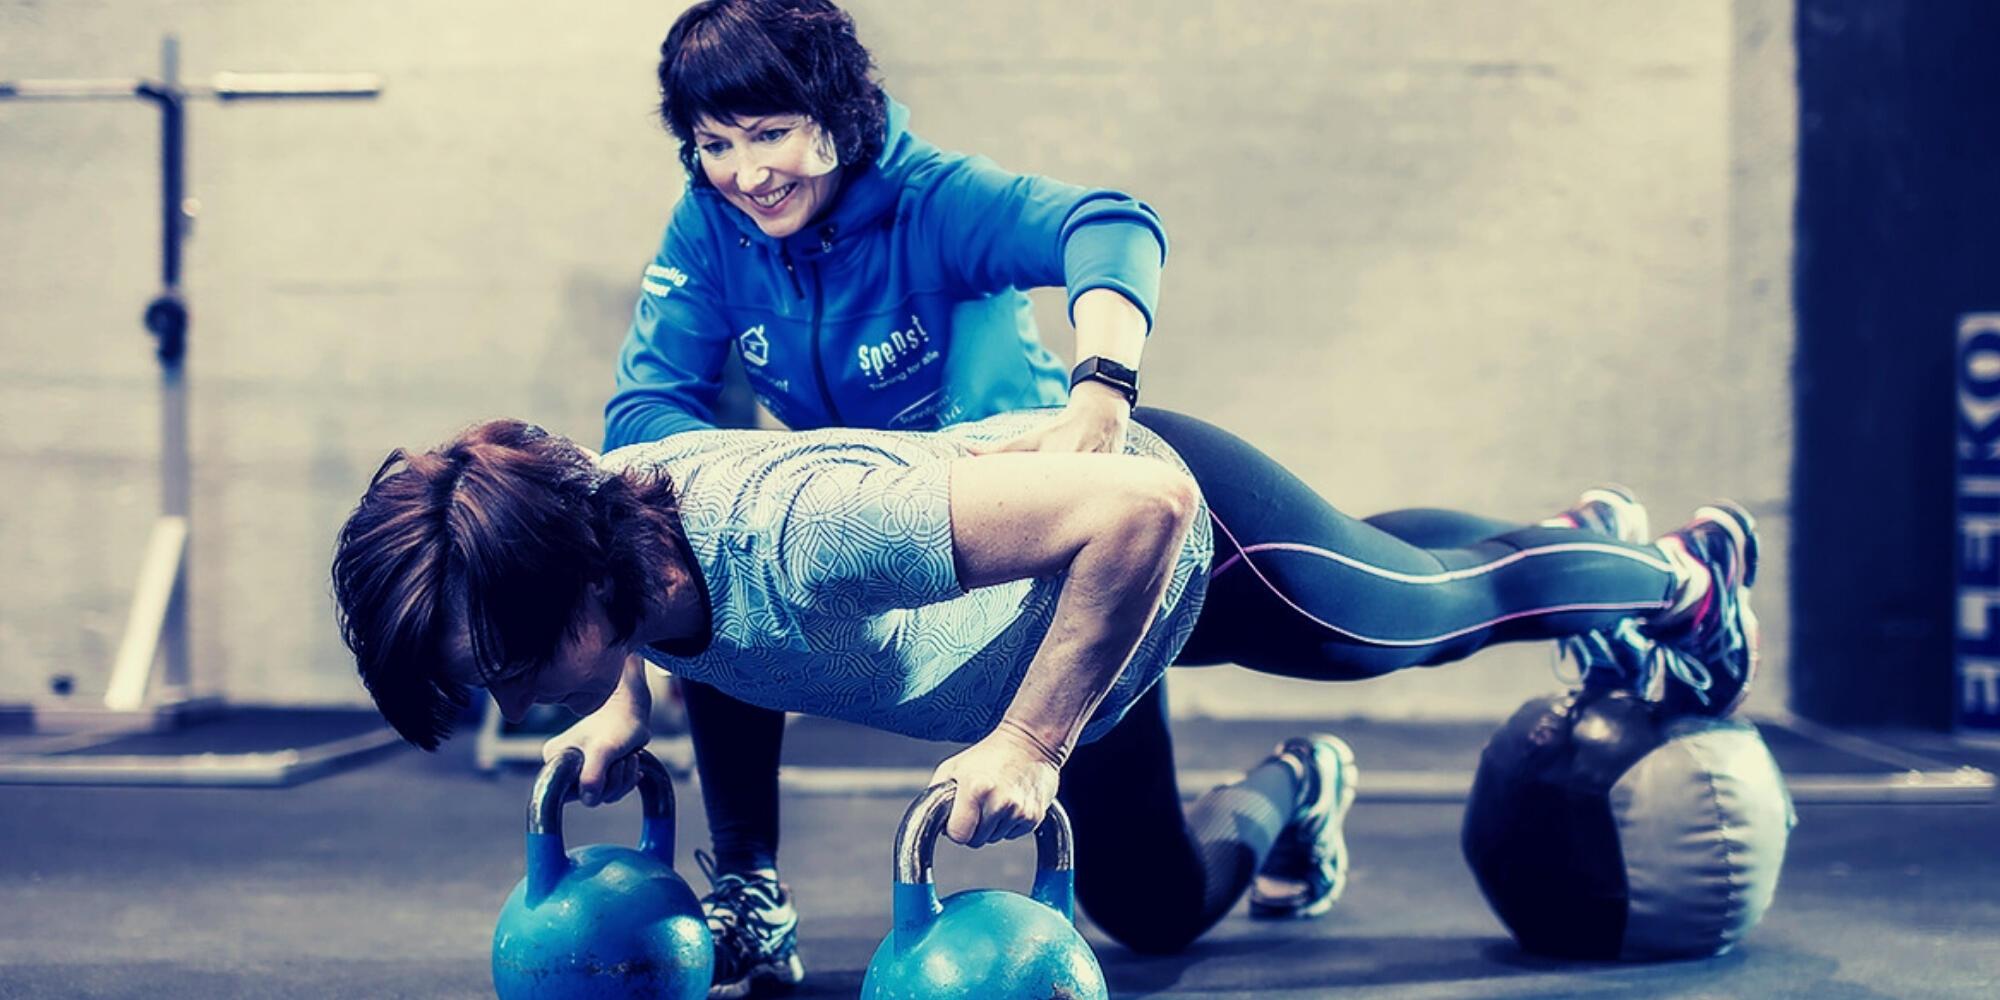 styrketrening med personlig trener